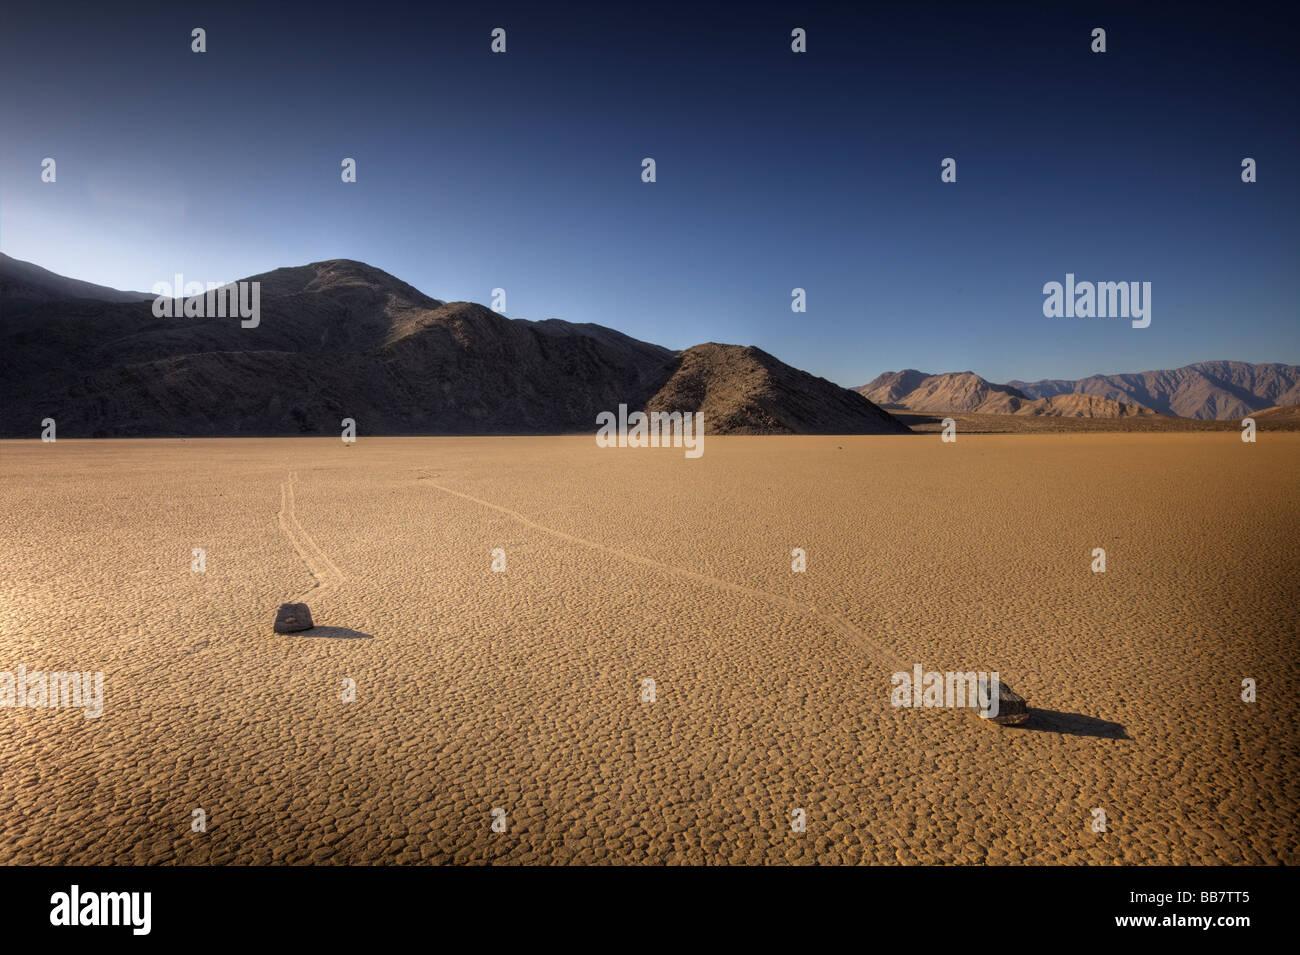 Verschieben von Felsen auf Salinen an der Rennstrecke im Death Valley National Park in Kalifornien, USA Stockbild